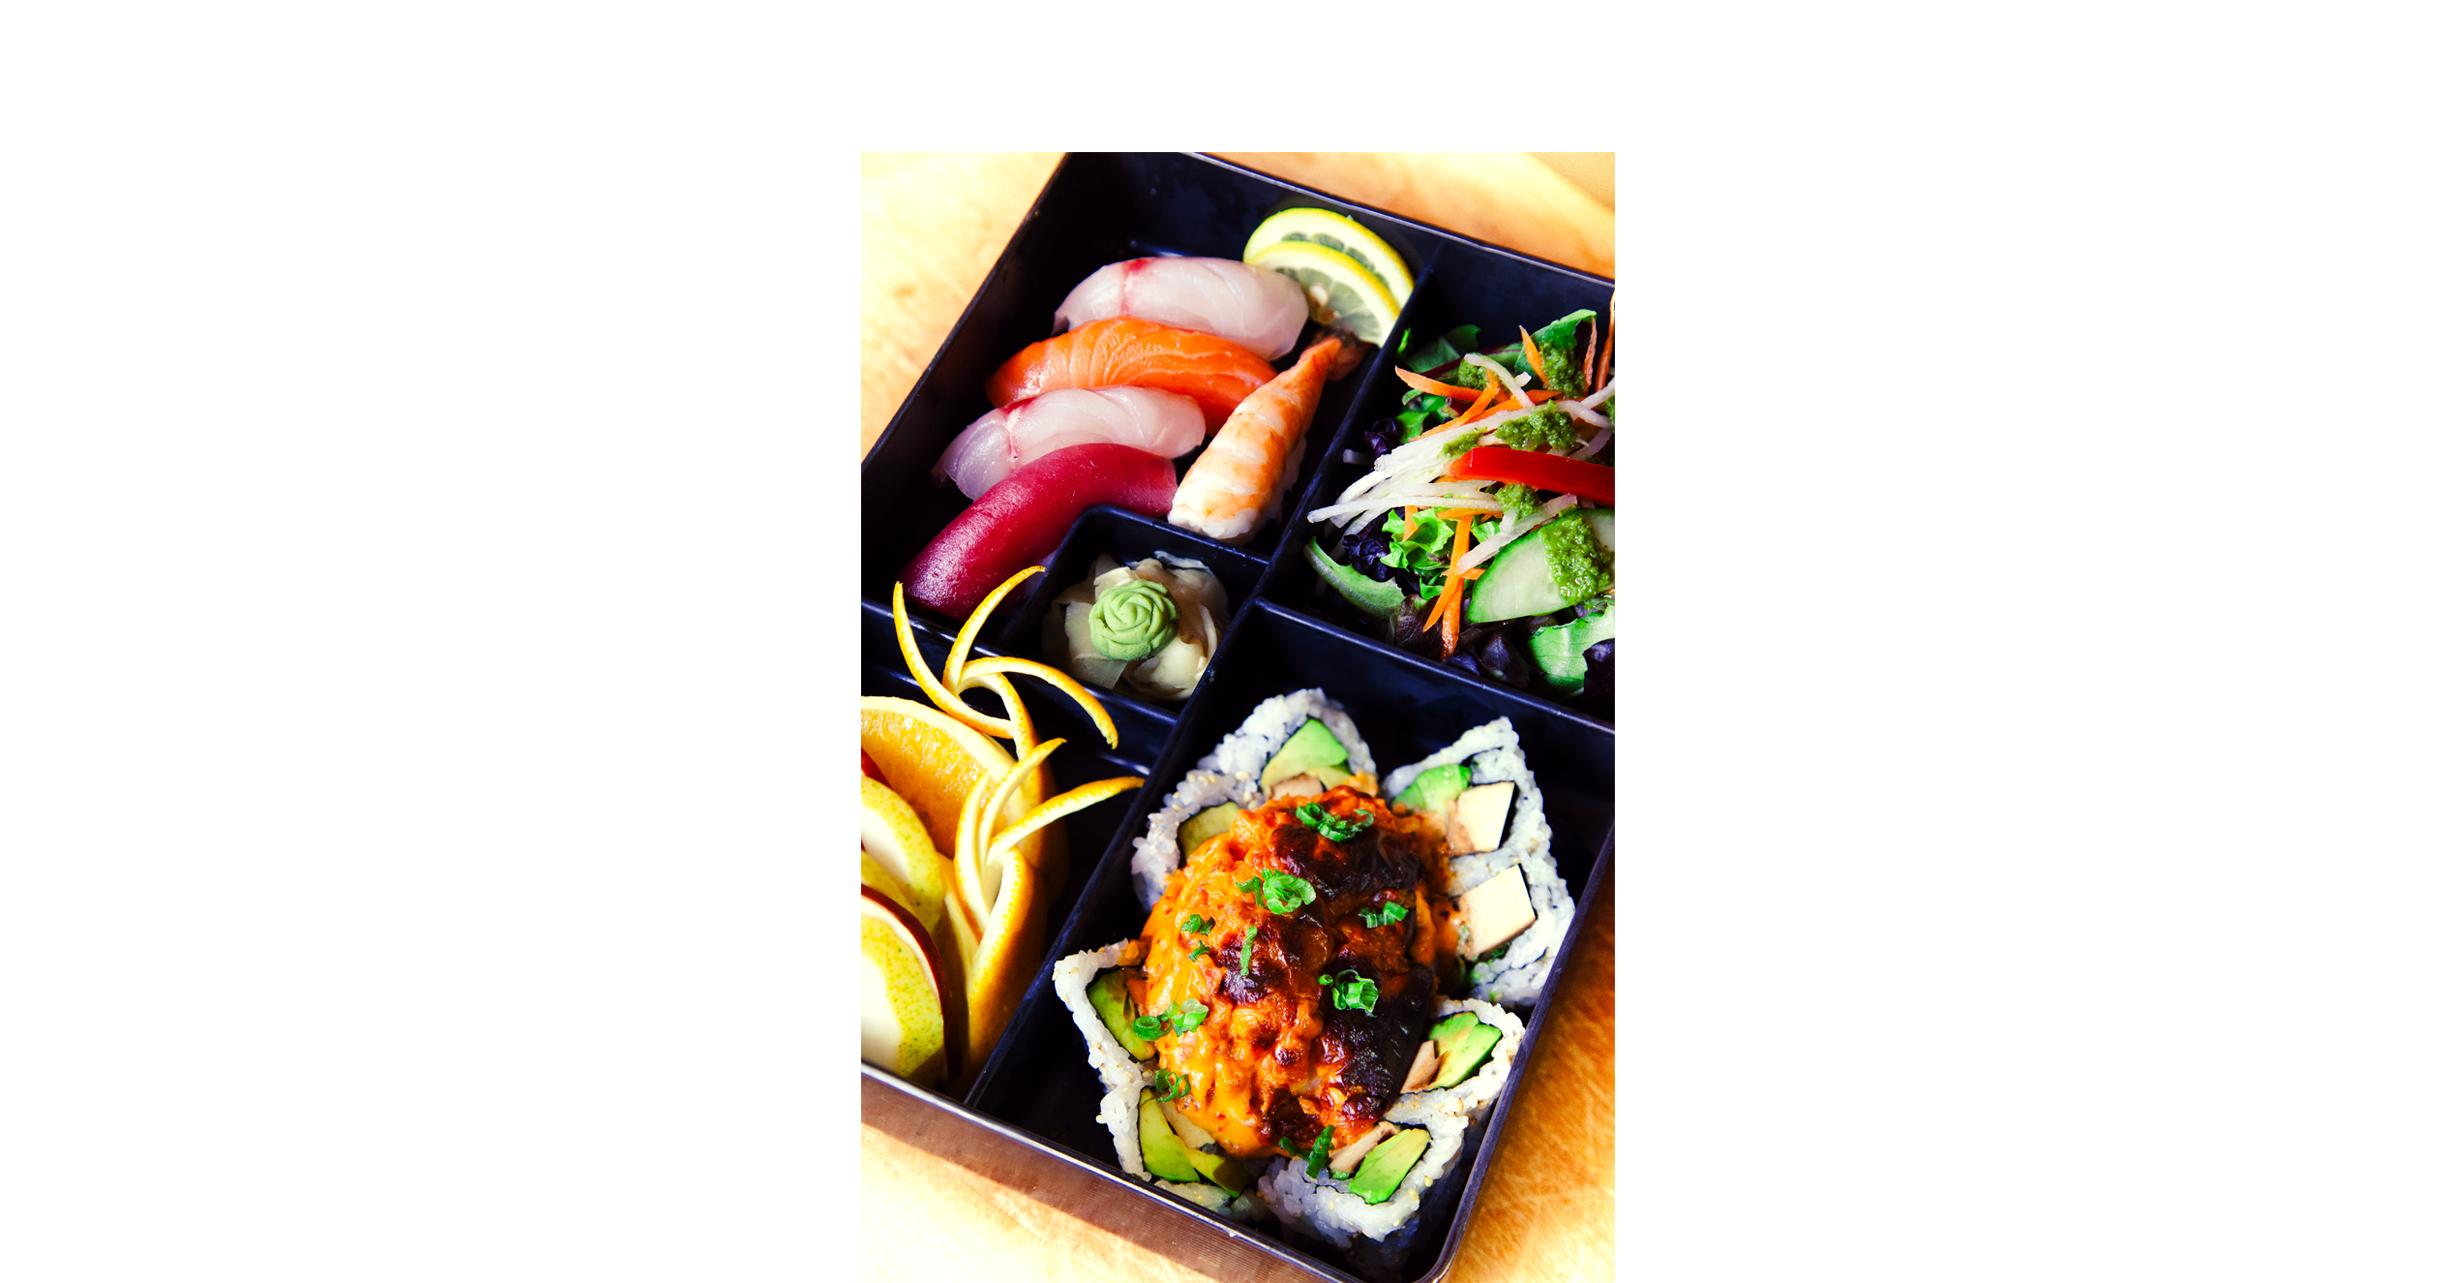 1.bizen sushi rolls opening1920x1000